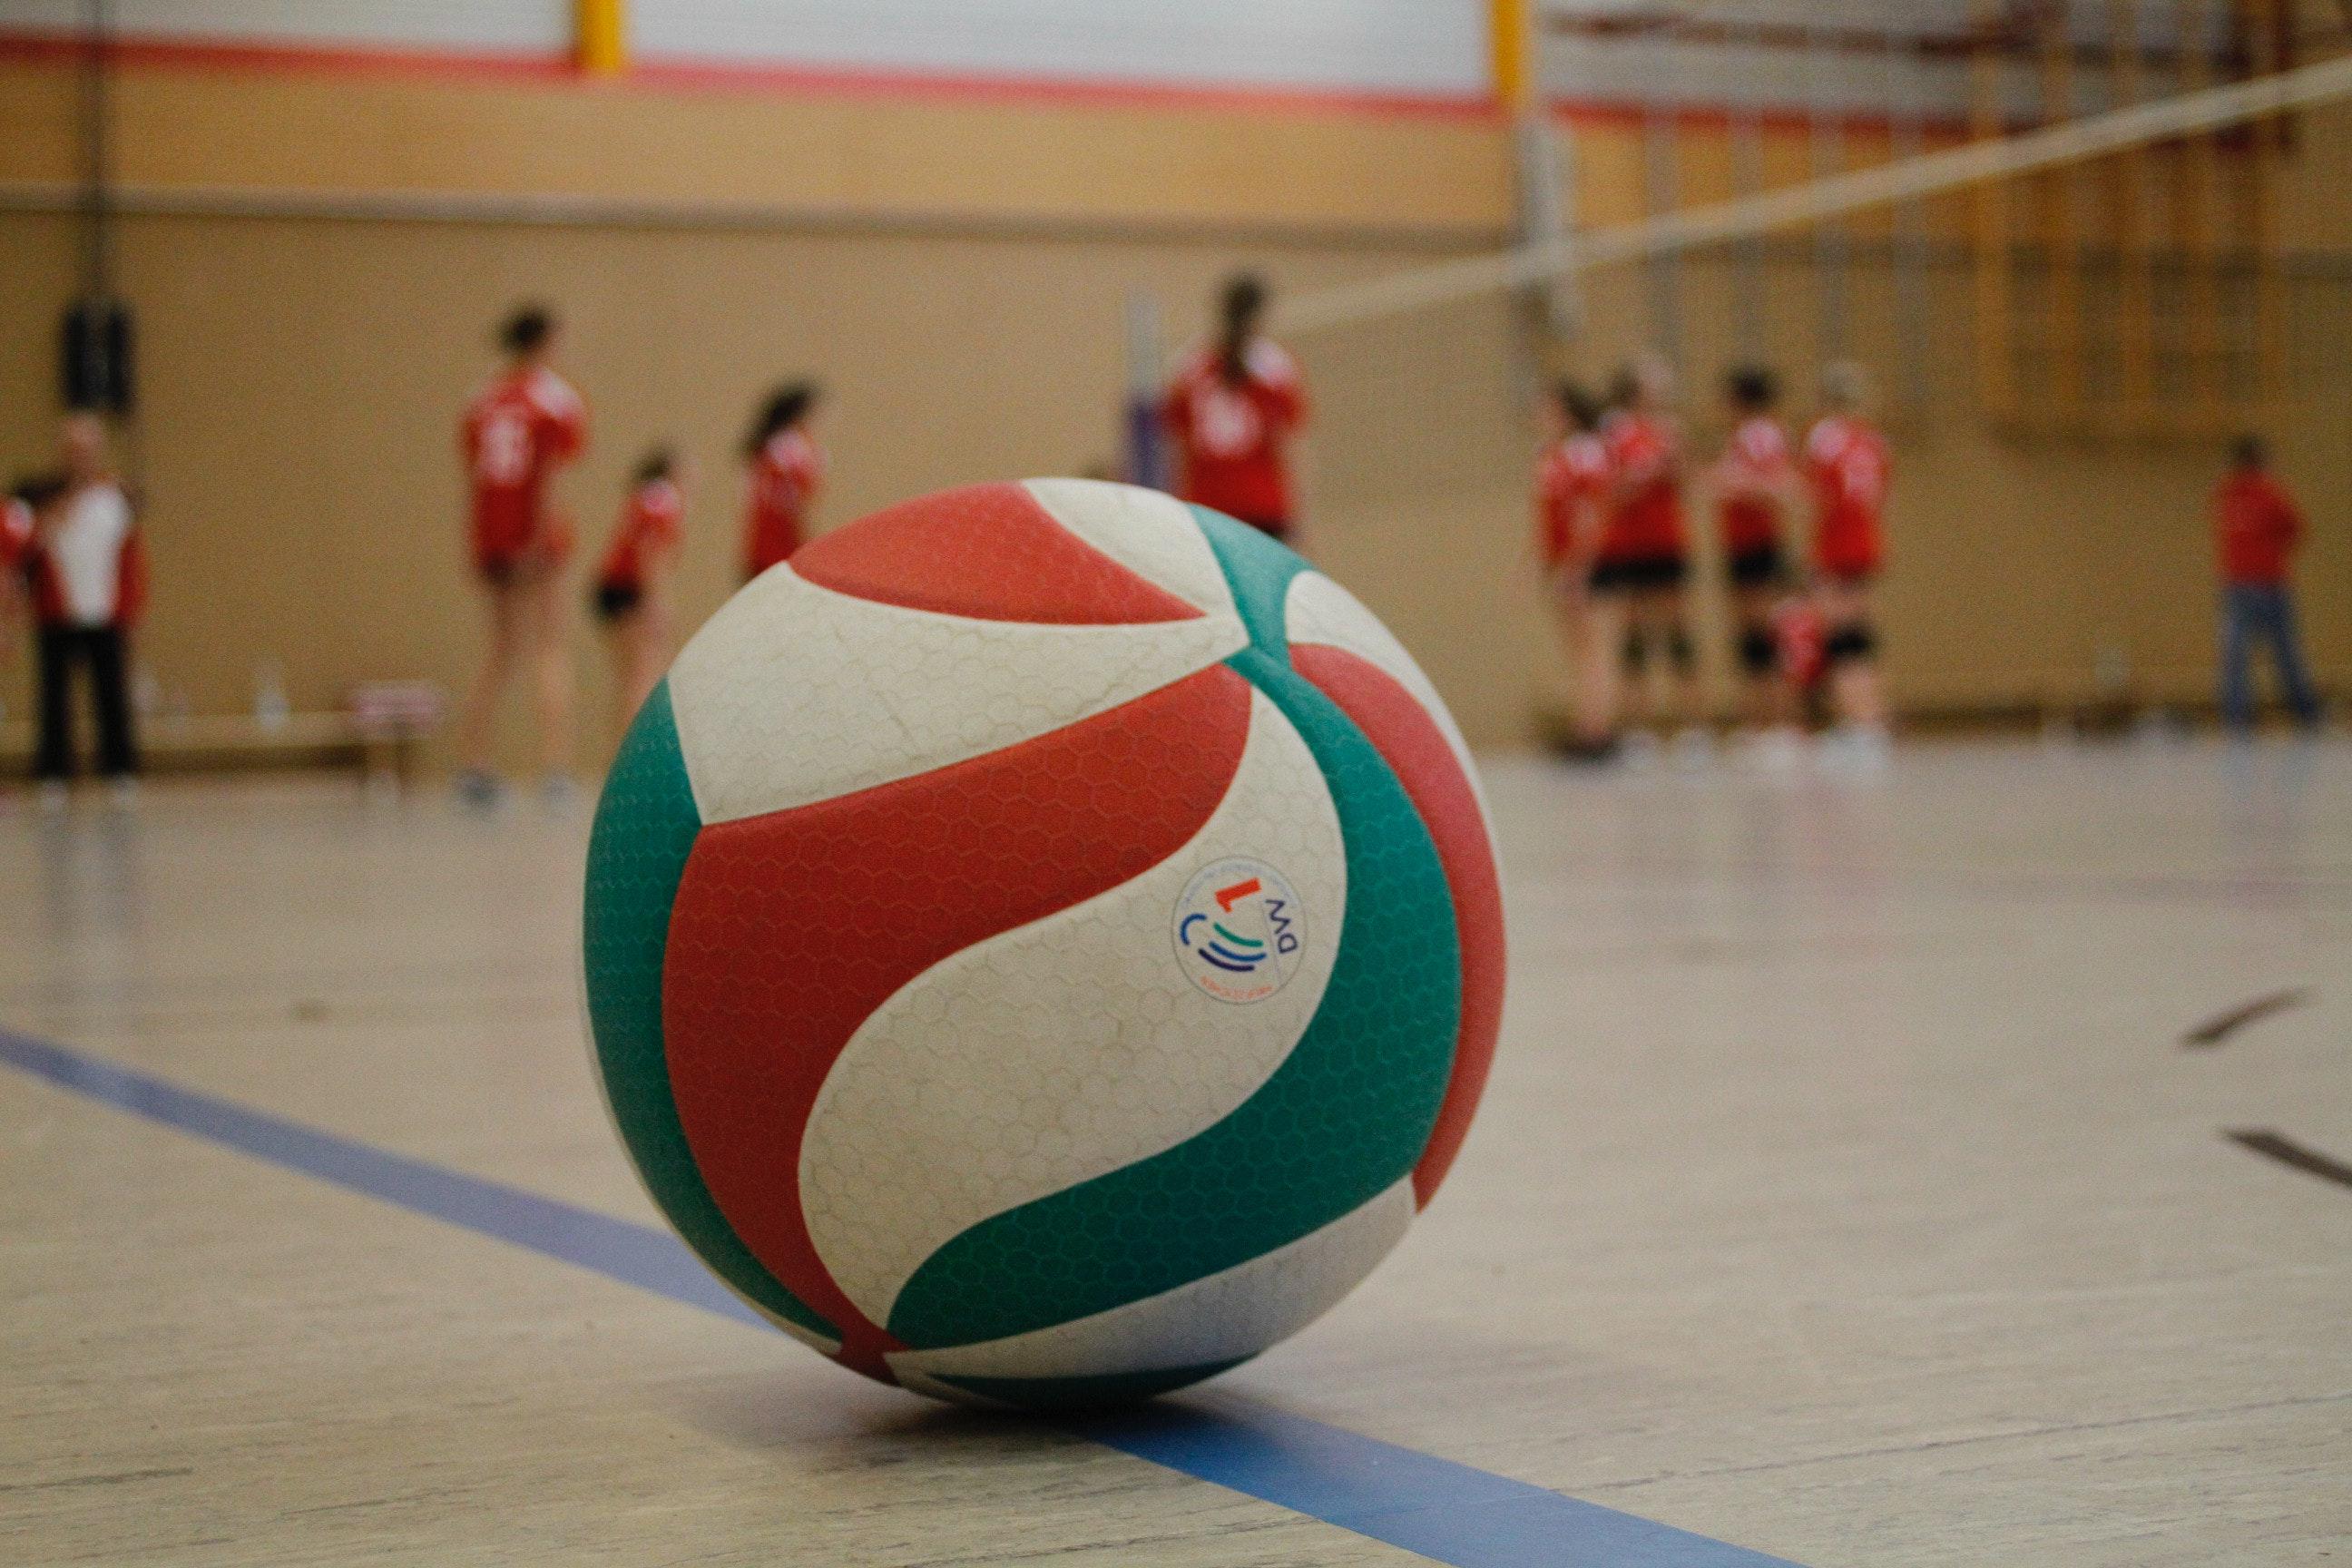 Free stock photo of indoor sport